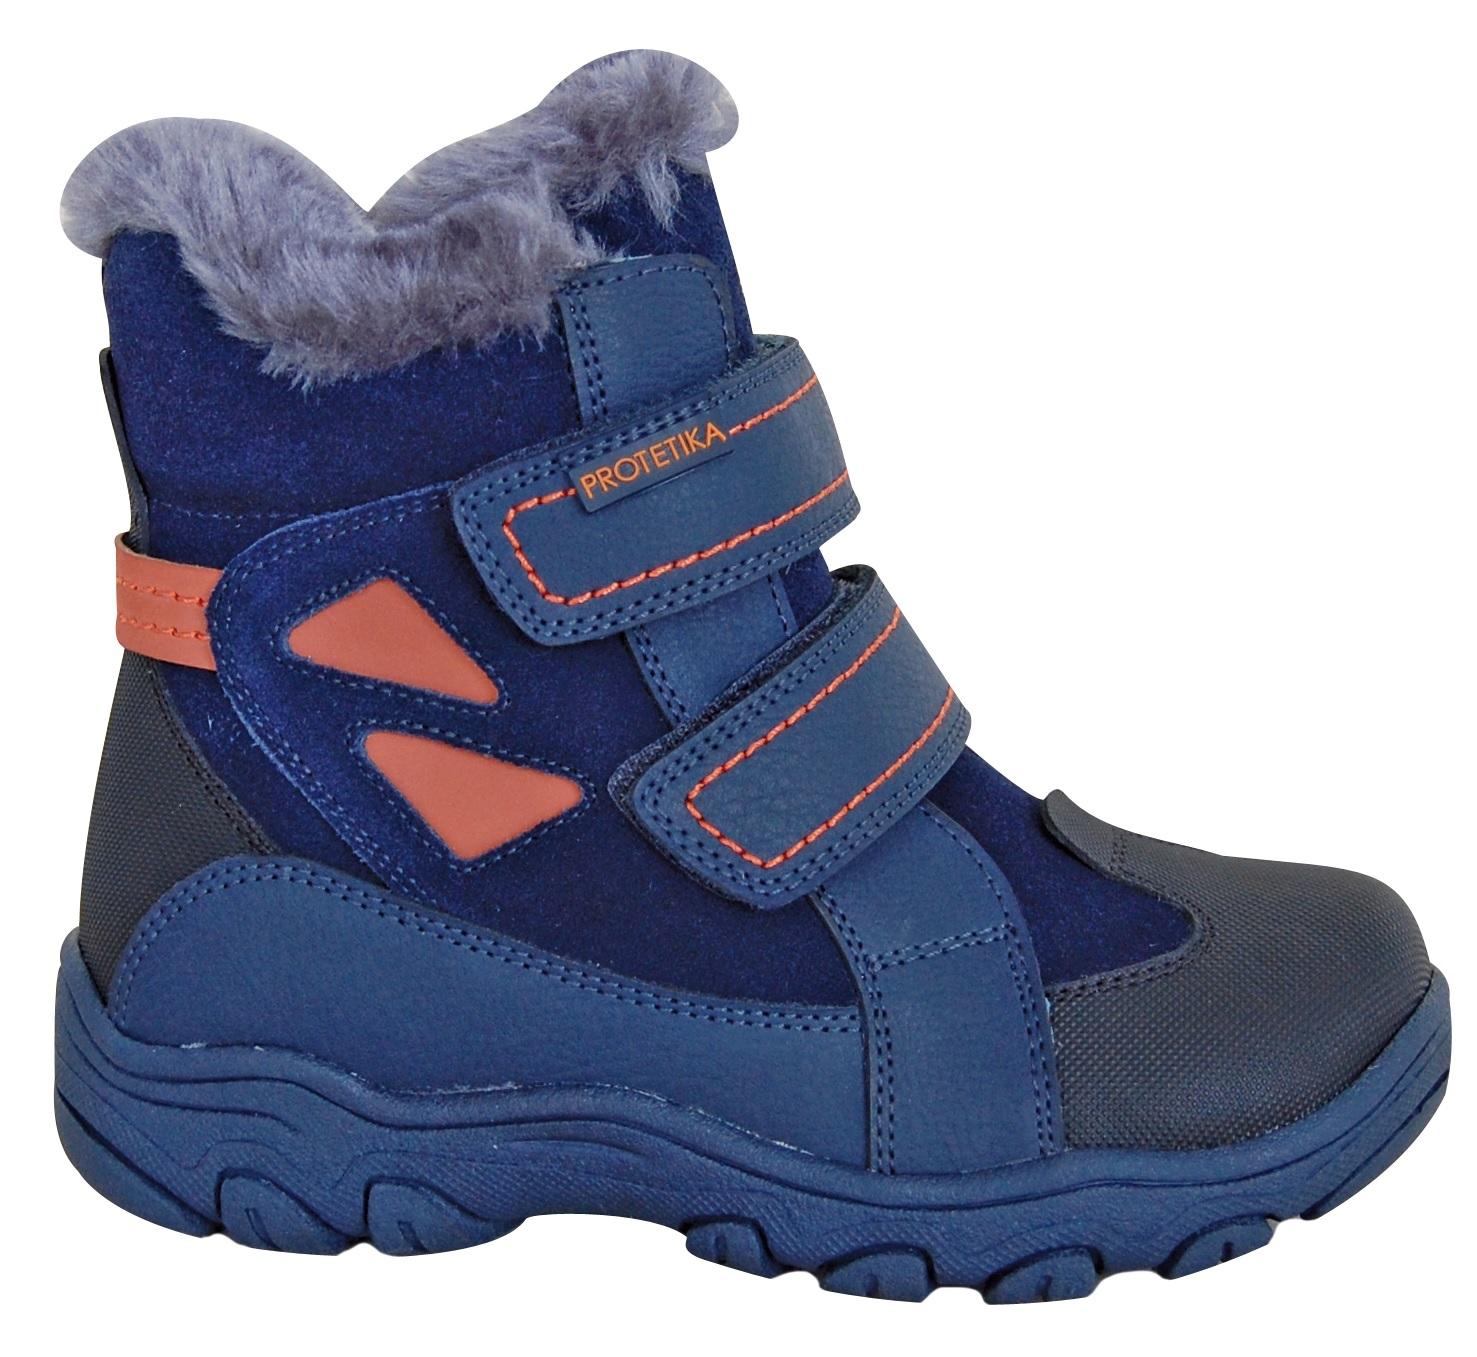 7de708d1f Protetika Chlapčenské zimné topánky Azaro - modré, EUR 31 ...